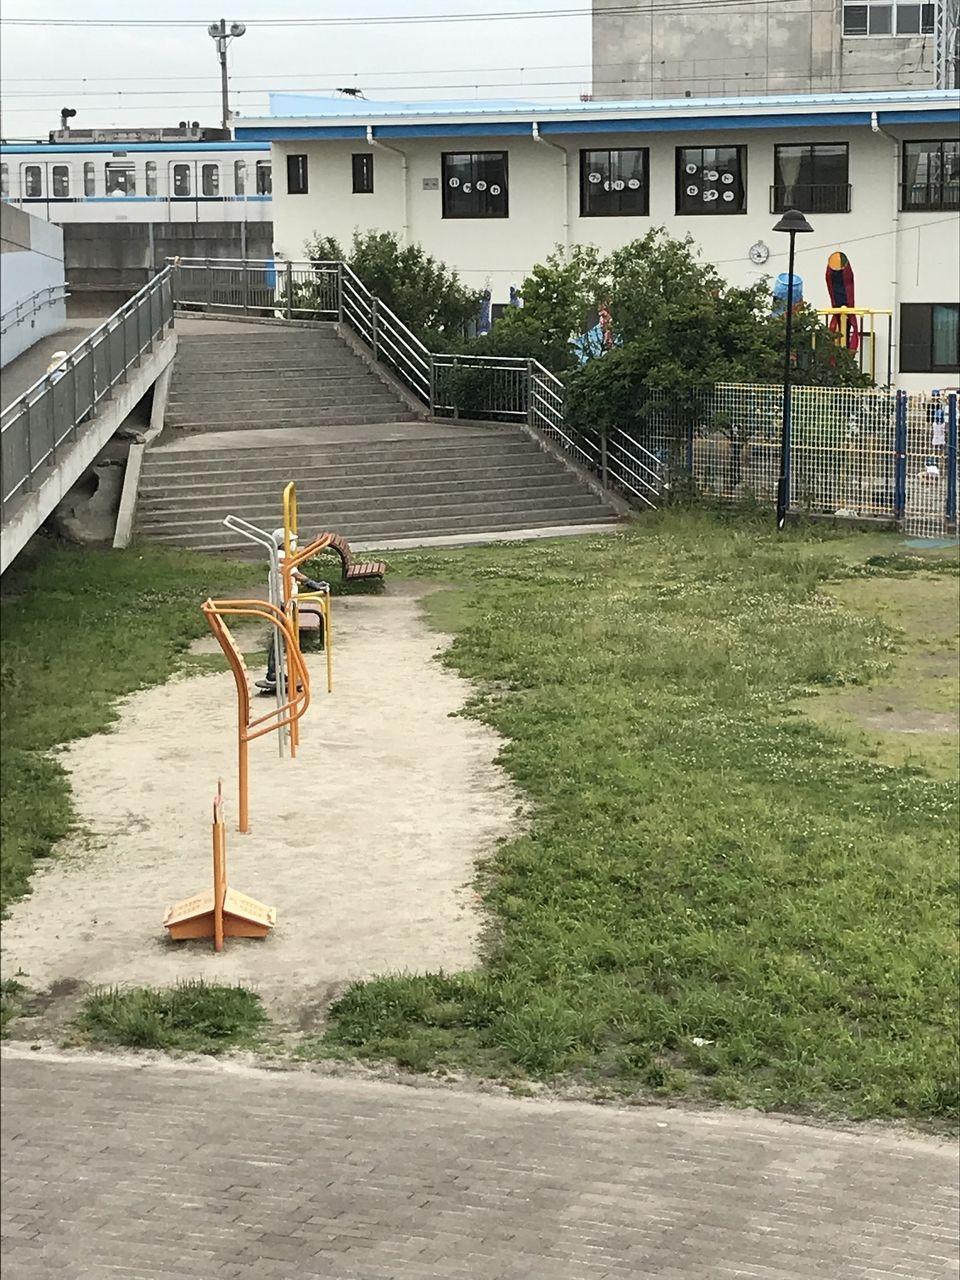 妙典にある妙典公園のアスレチックコーナー